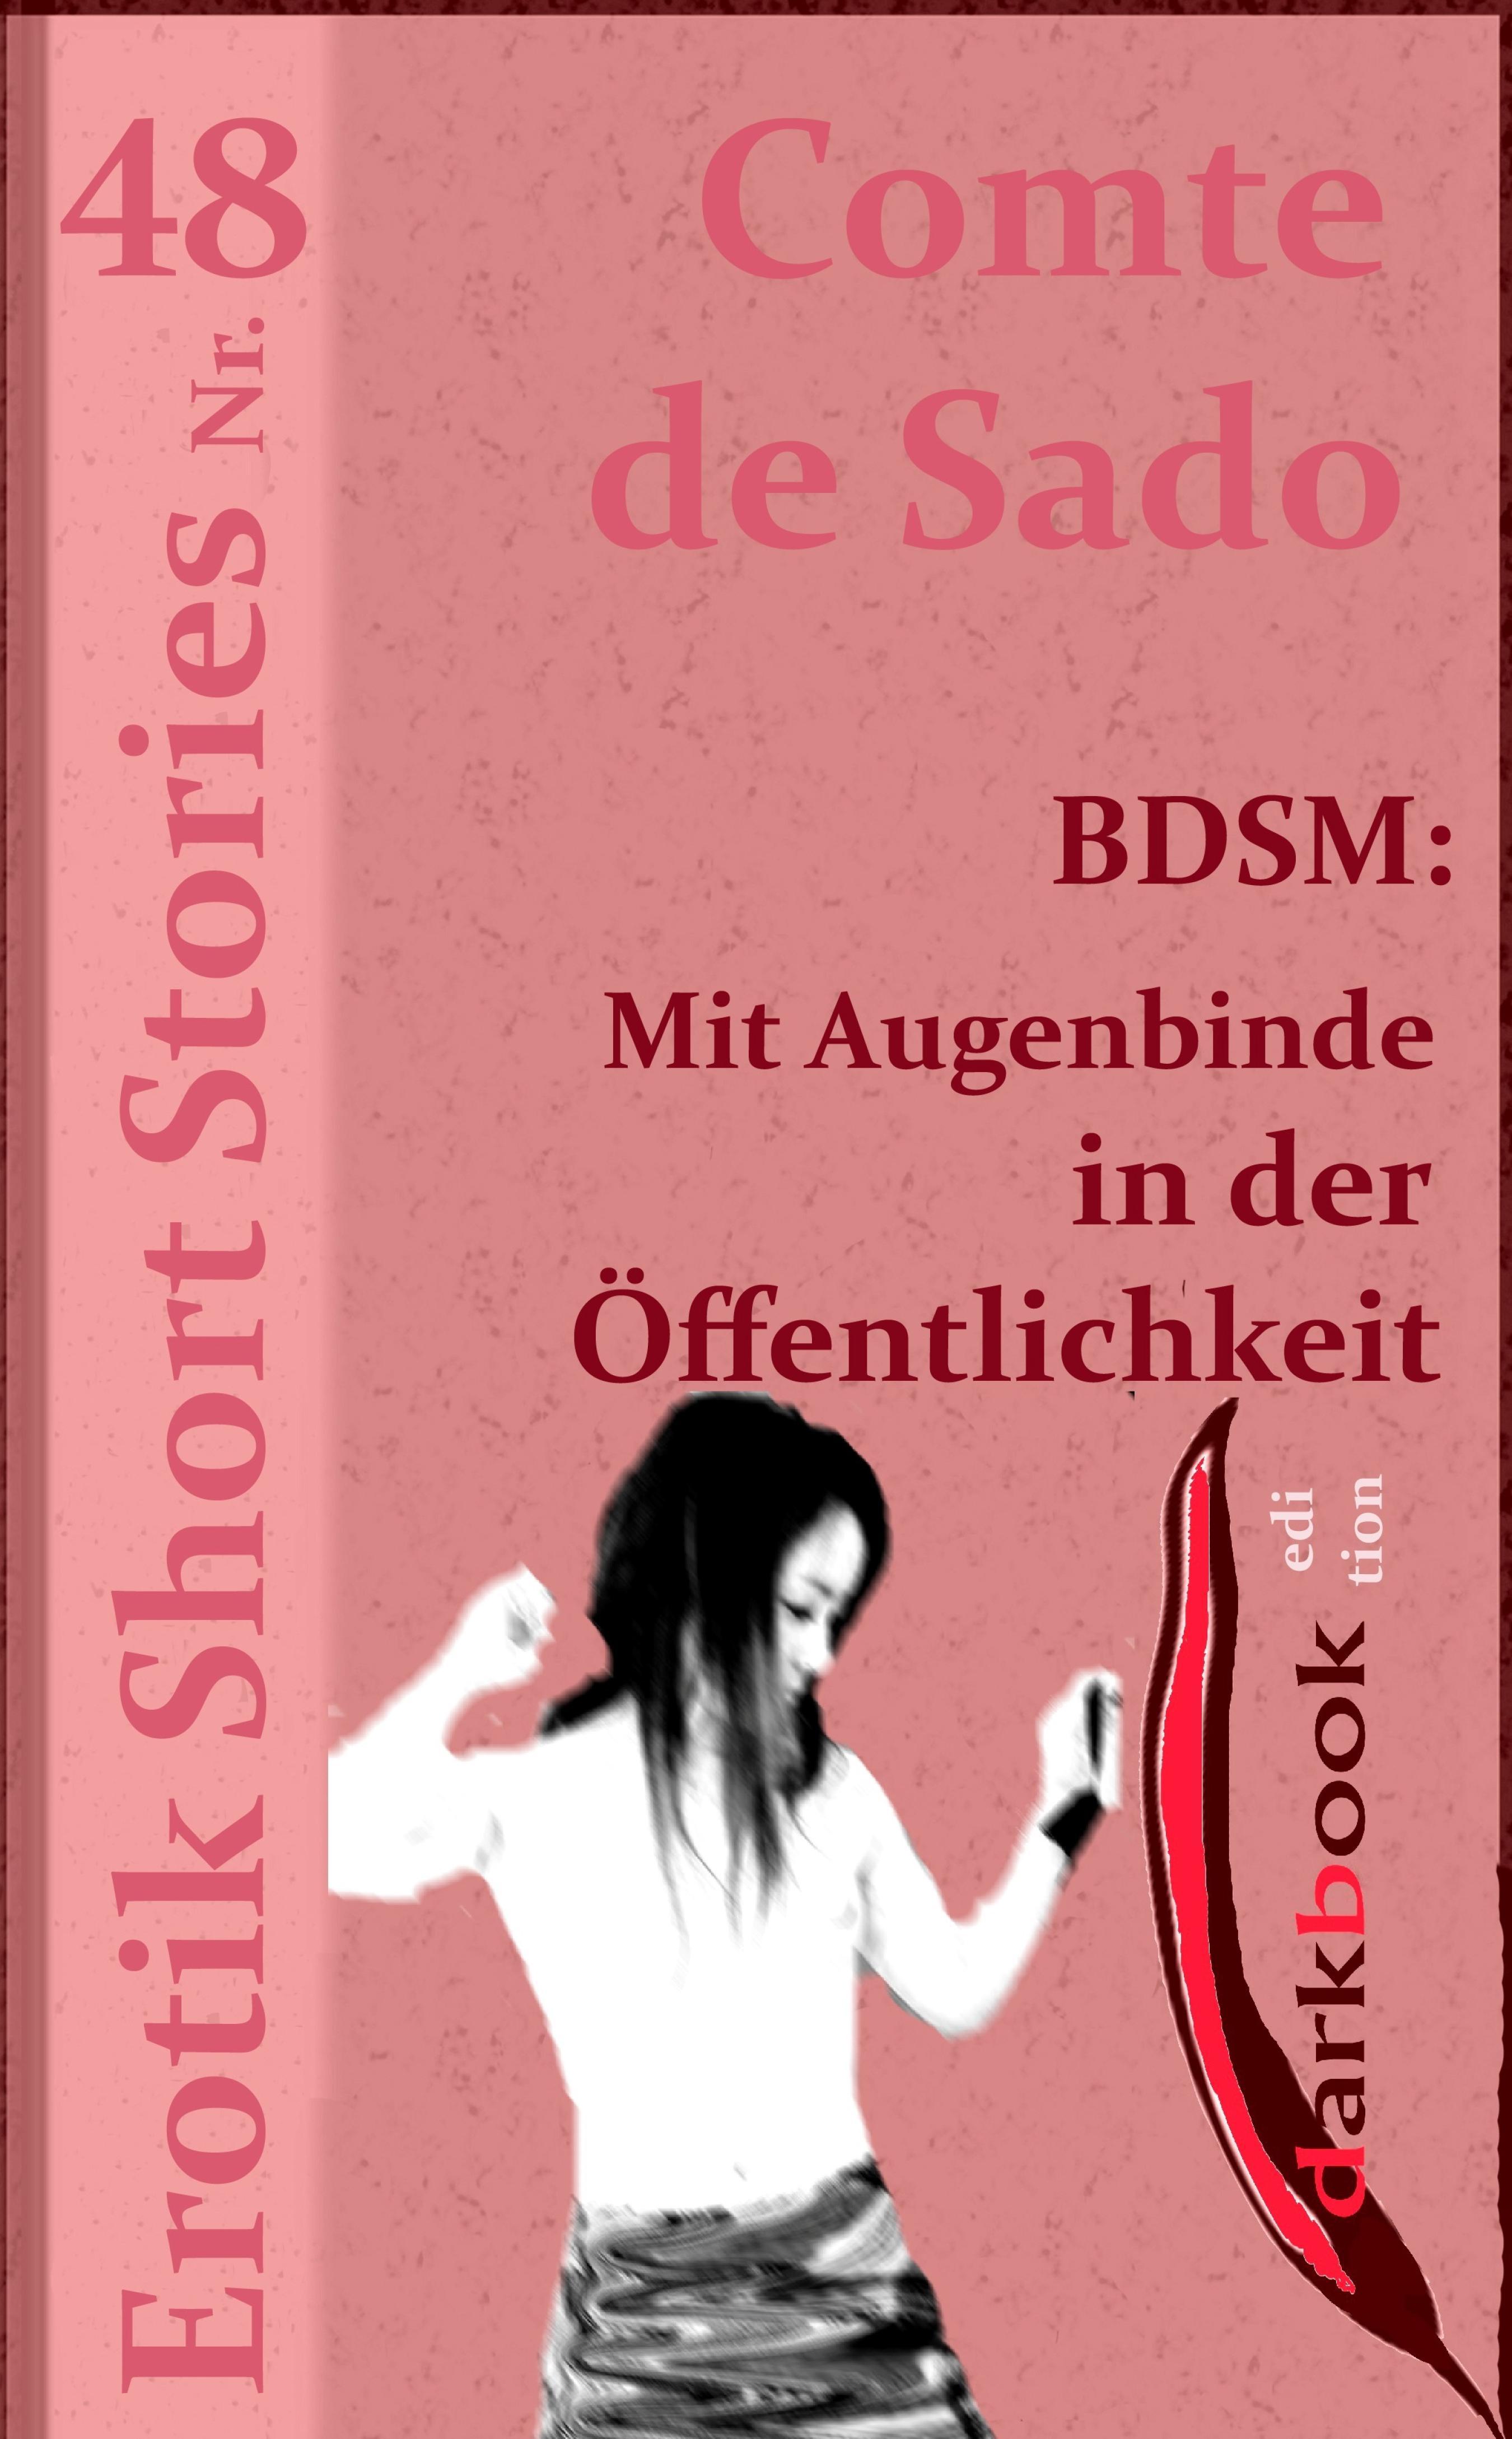 Comte de Sado BDSM: Mit Augenbinde in der Öffentlichkeit comte de sado bdsm rosi weiß was jünglinge brauchen